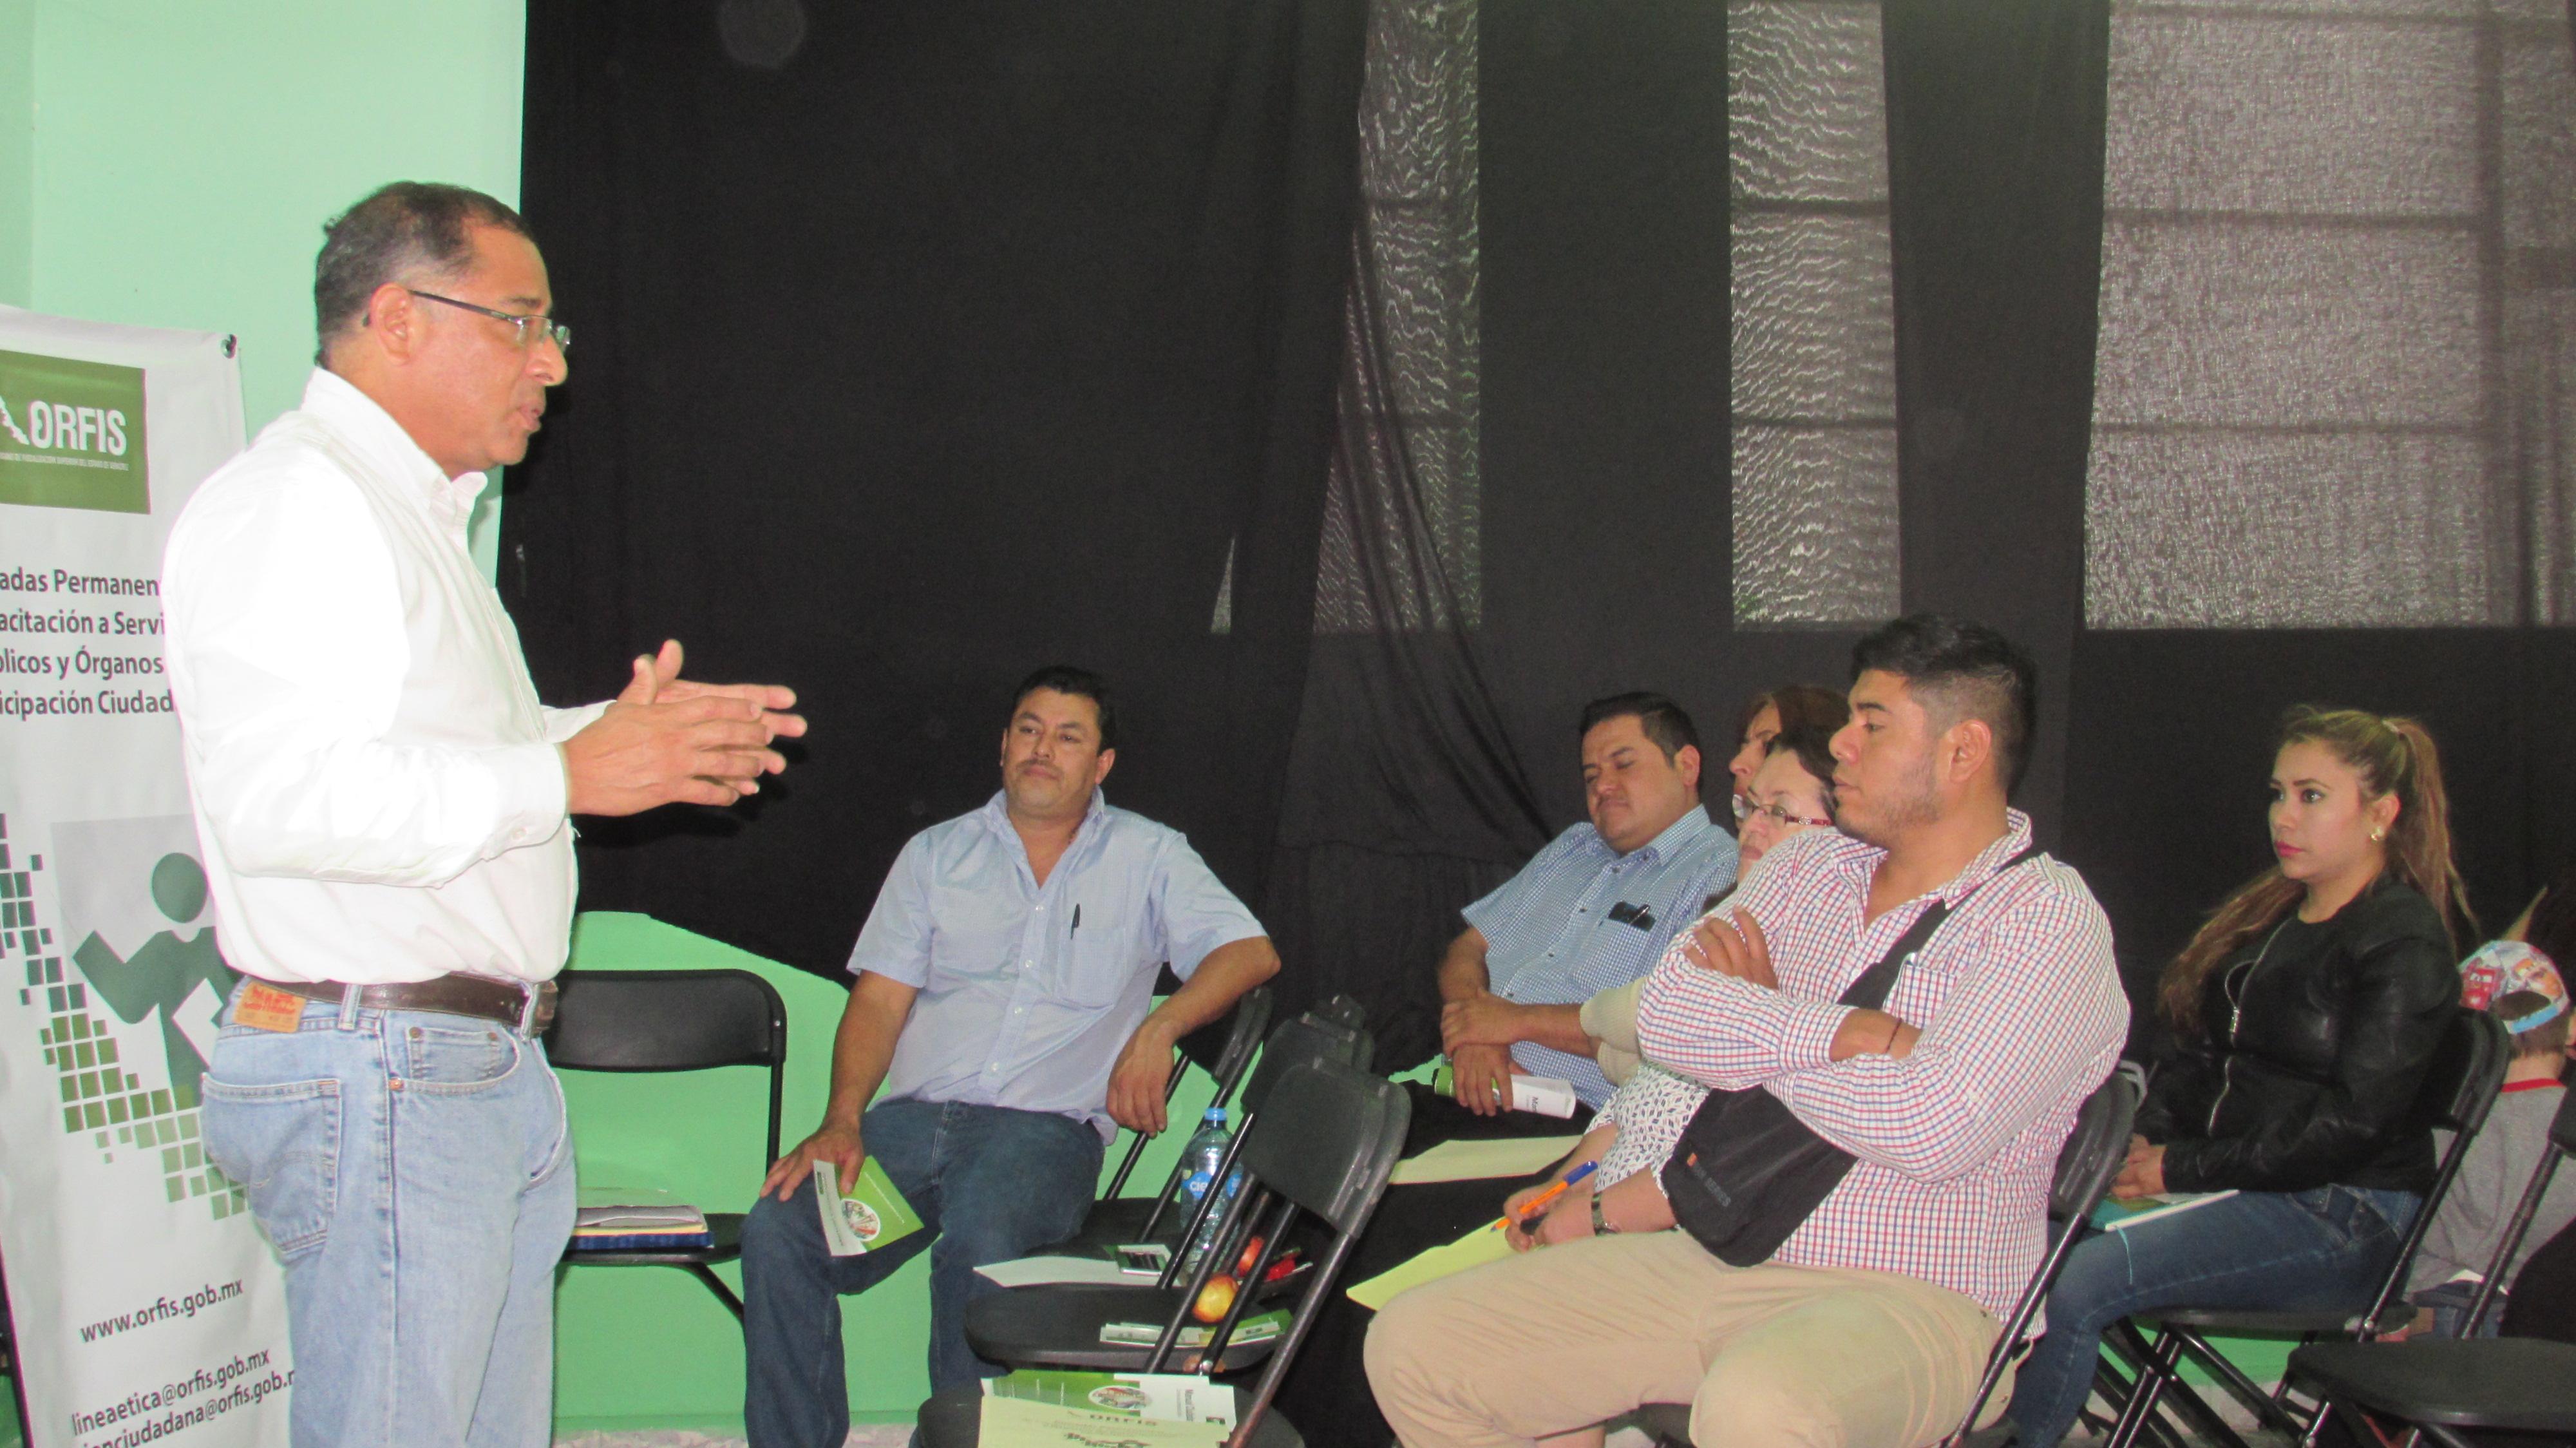 Capacitacion a Servidores Publicos y Organos de Participacion Ciudadana